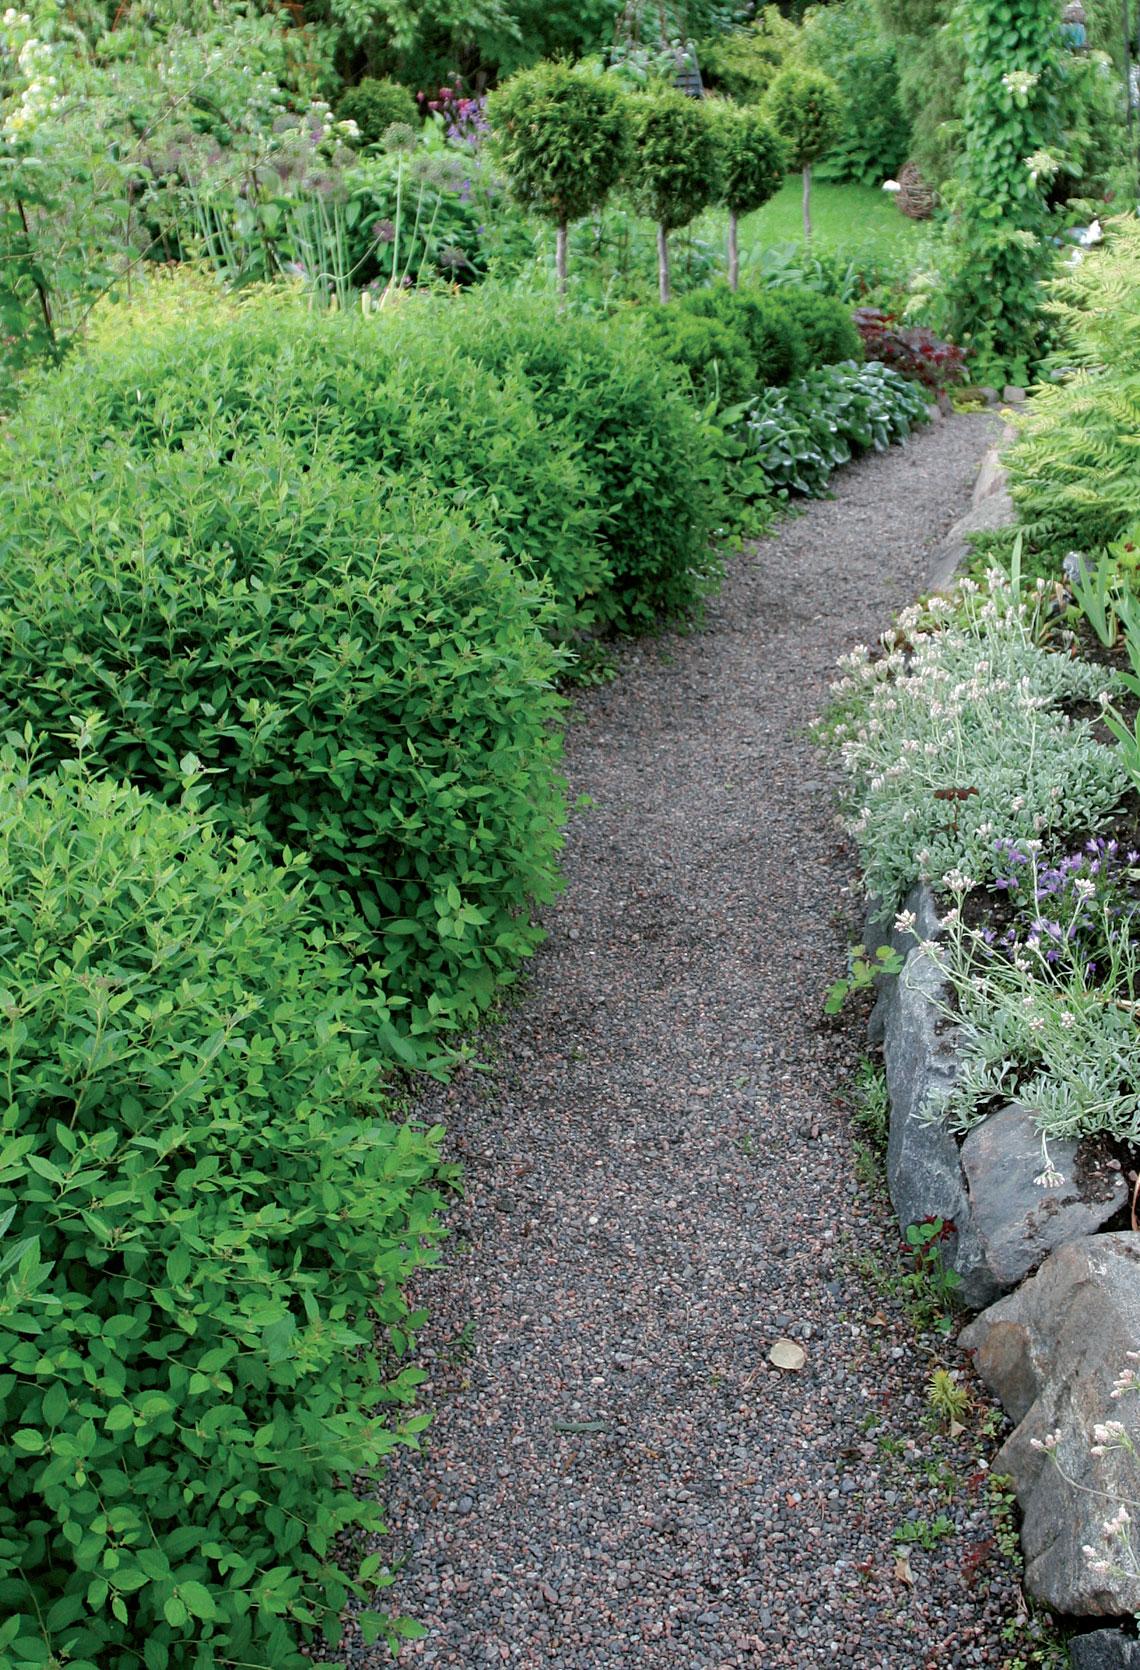 Puutarha, Kivituhkapolku tai perinteinen hiekkakäytävä vaatii materiaalin lisäystä aika ajoin.